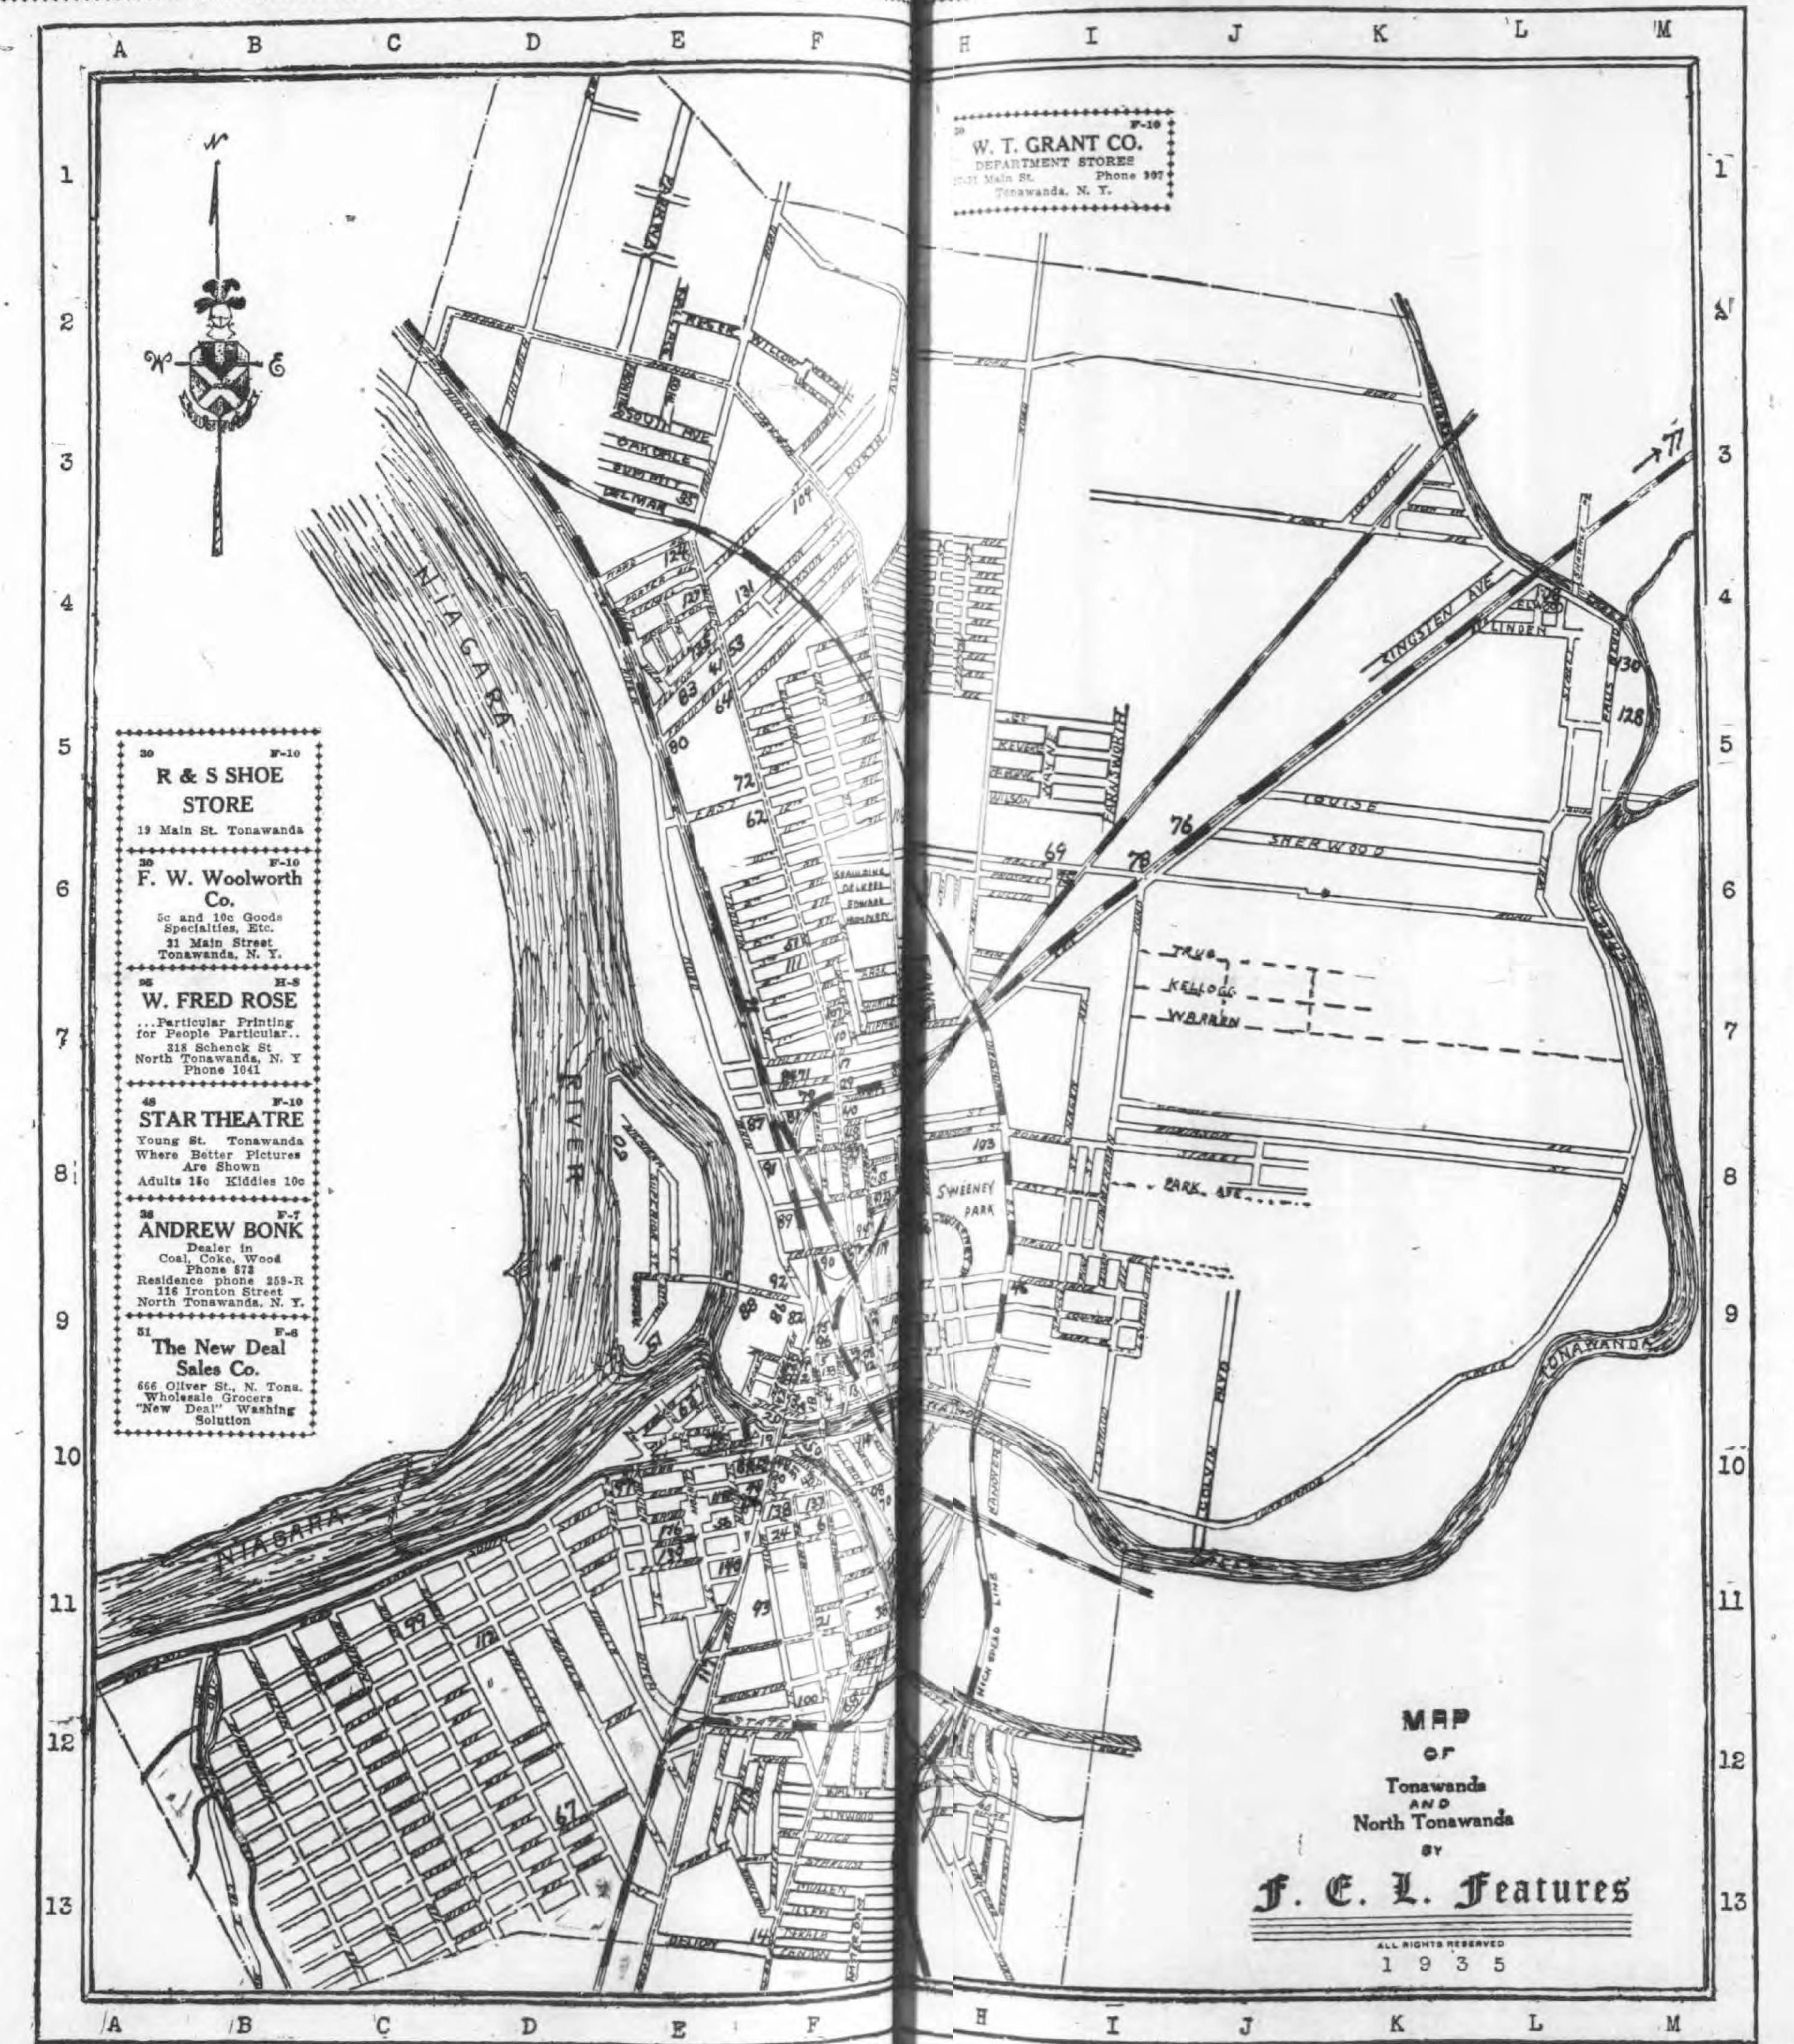 Map of Tonawanda and North Tonawanda (1935, Tonawanda News).jpg